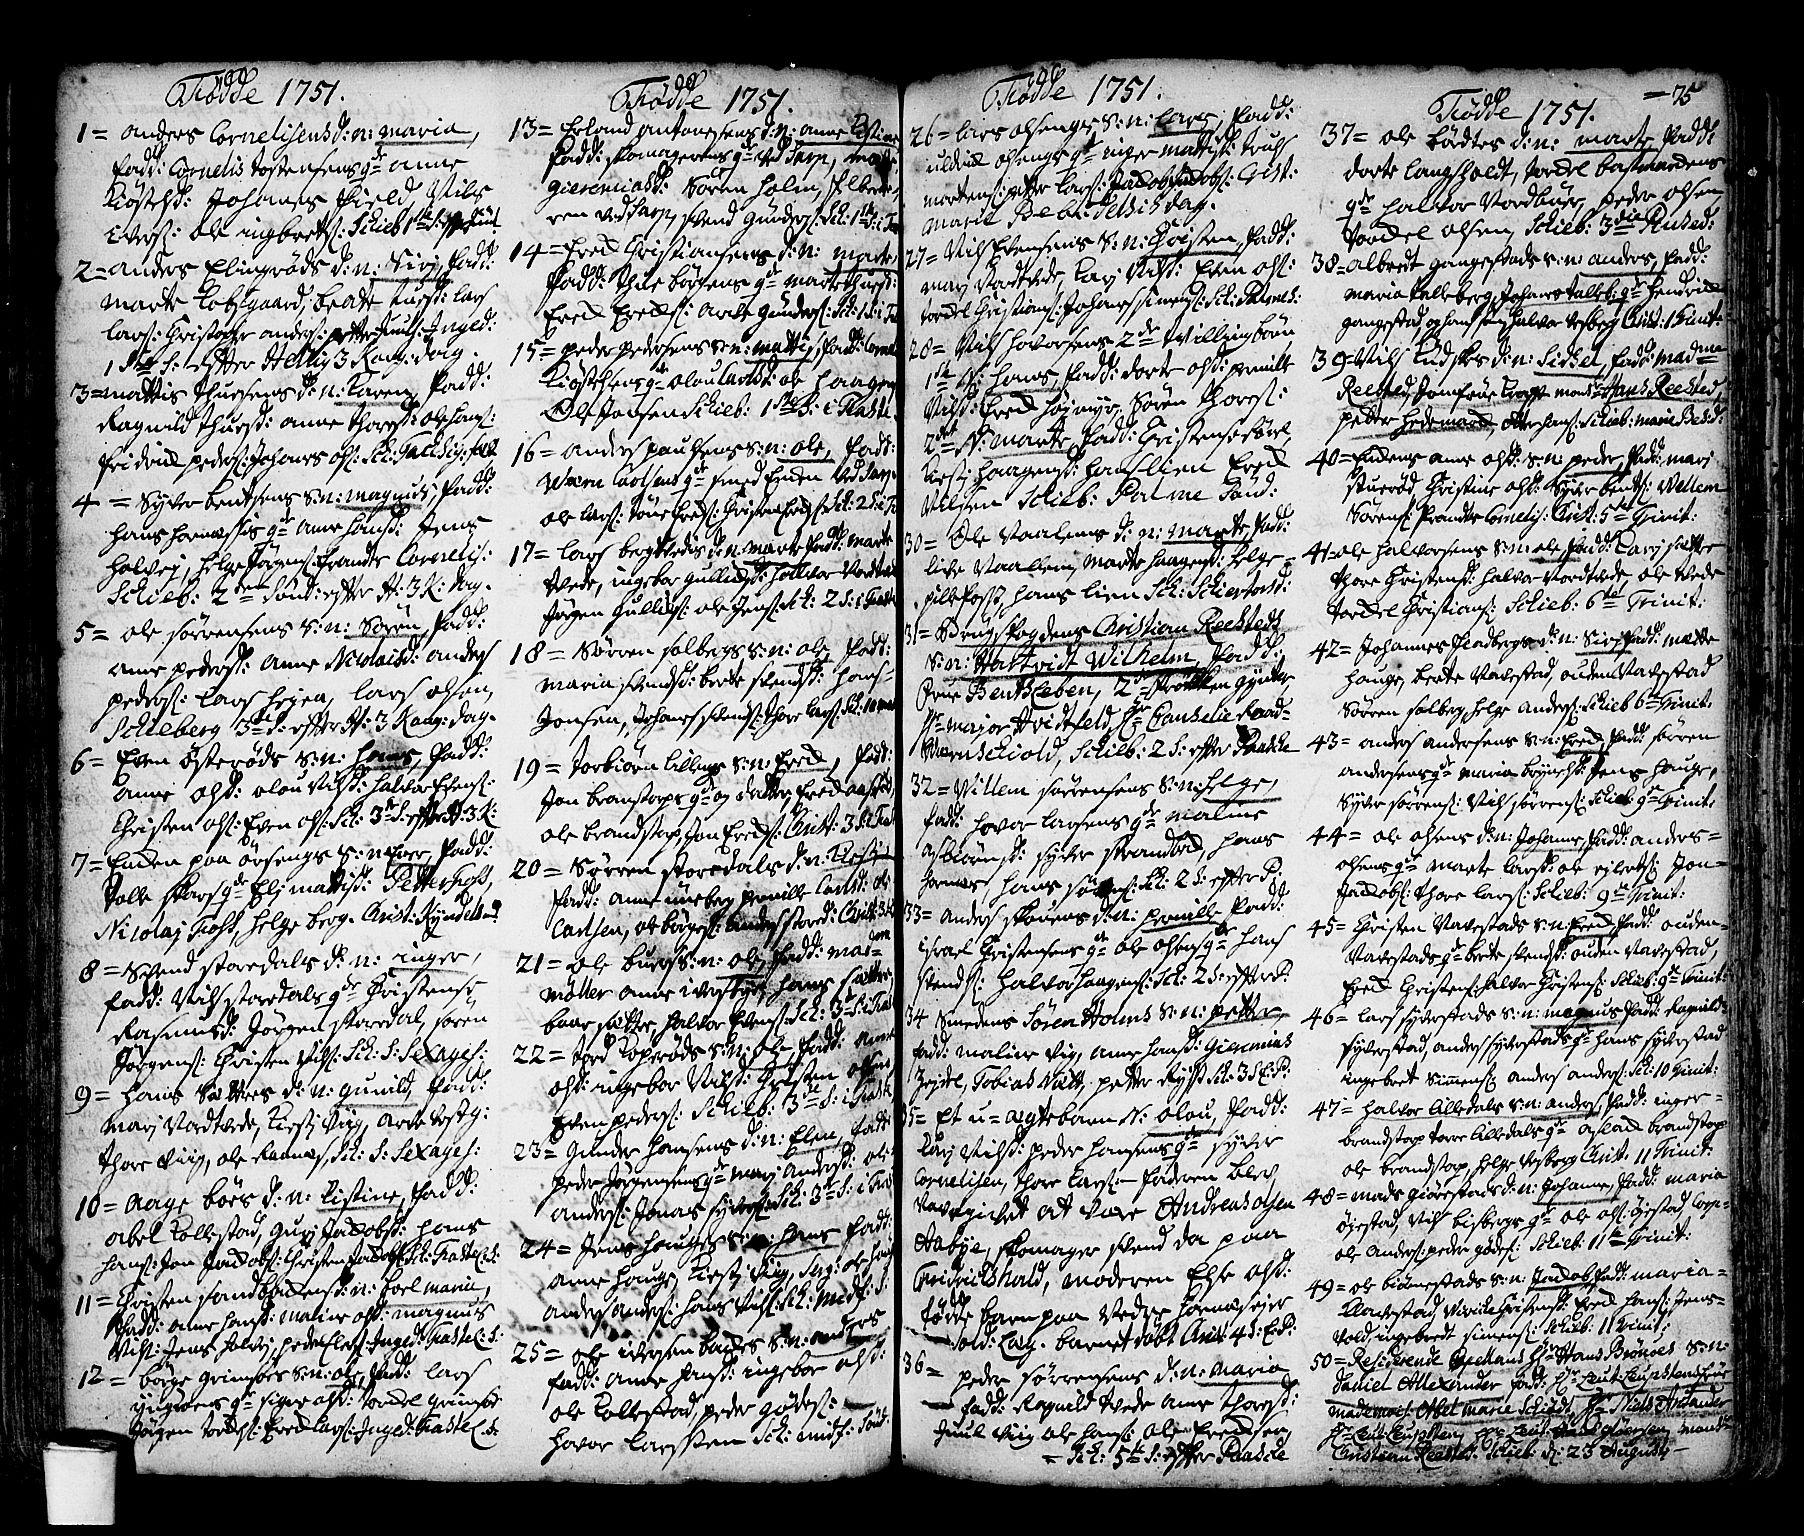 SAO, Skjeberg prestekontor Kirkebøker, F/Fa/L0002: Ministerialbok nr. I 2, 1726-1791, s. 75